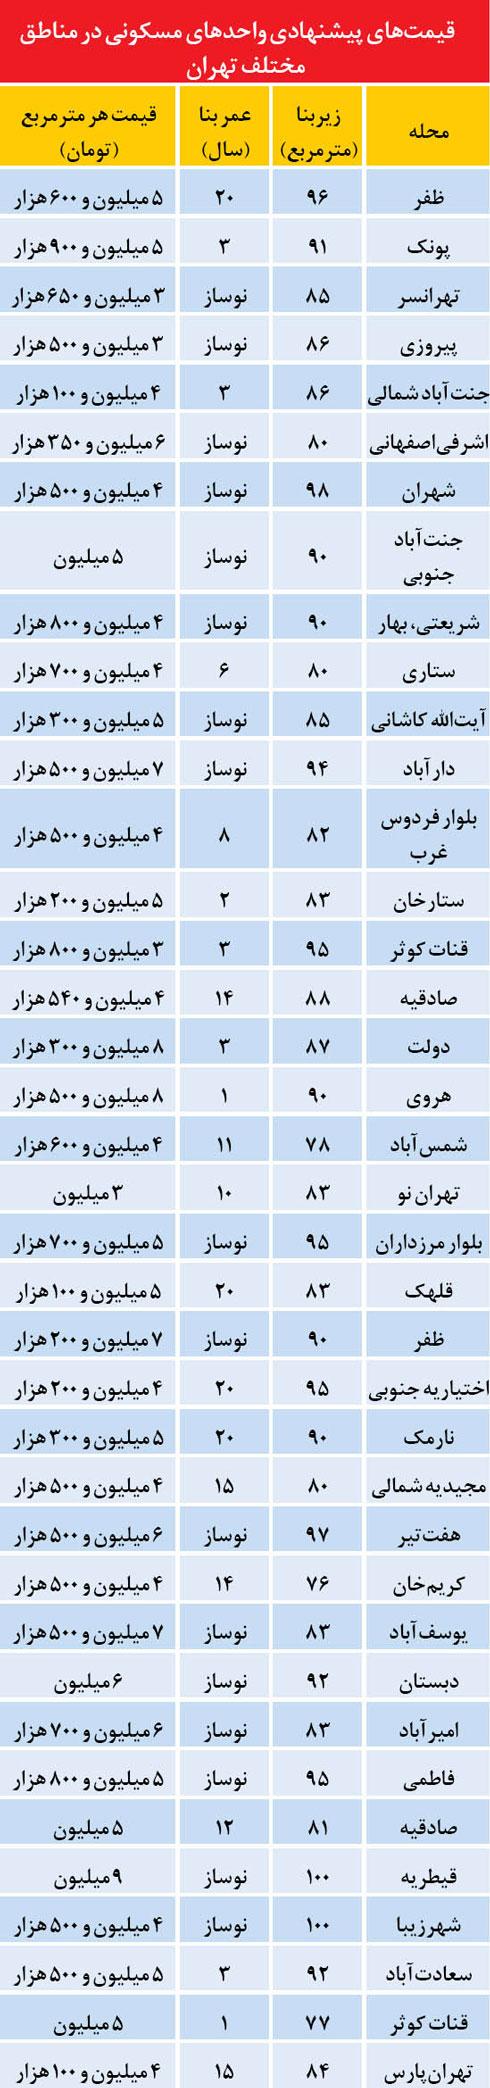 قیمت مسکن قیمت خانه تهران